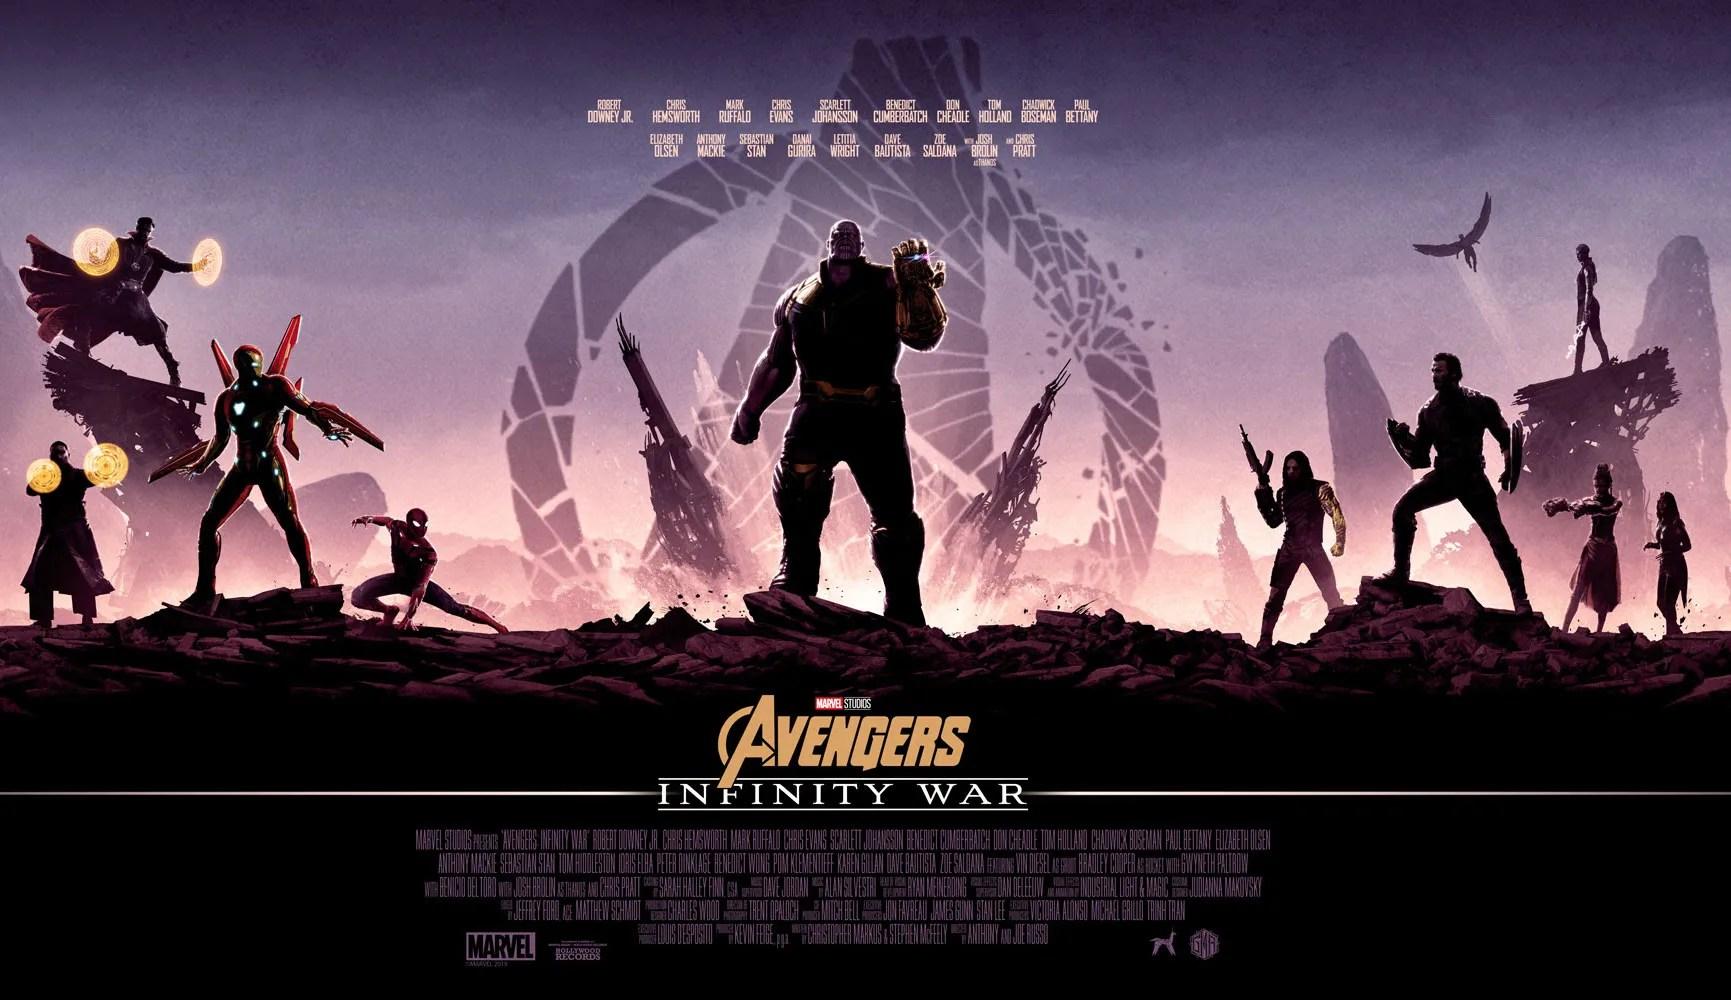 Avengers Animated Wallpaper Avengers Infinity War Poster By Matt Ferguson Befits An